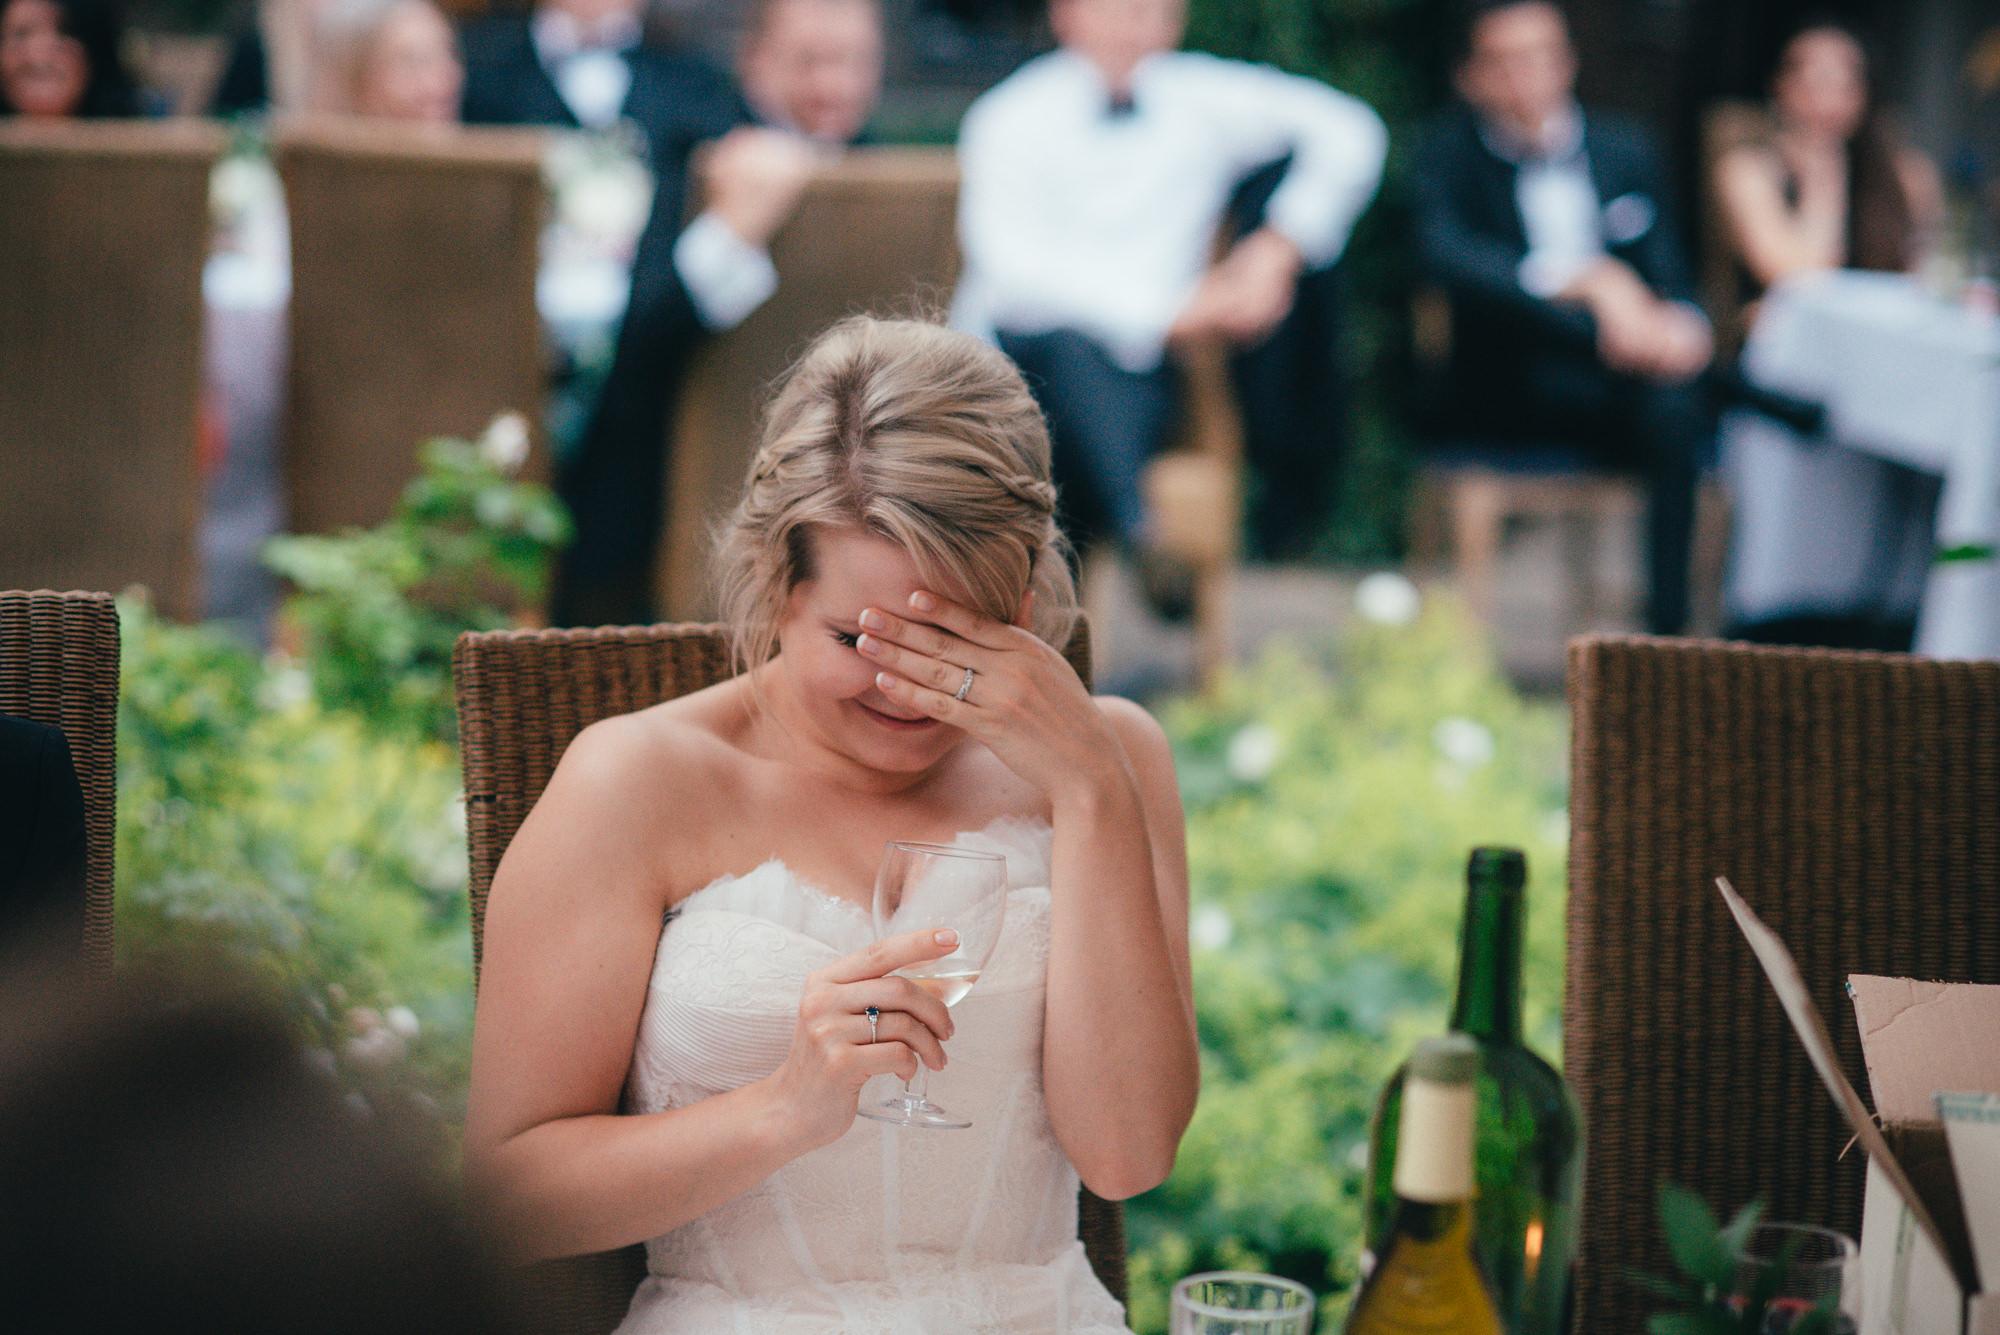 Brinsop Court Wedding Photography101